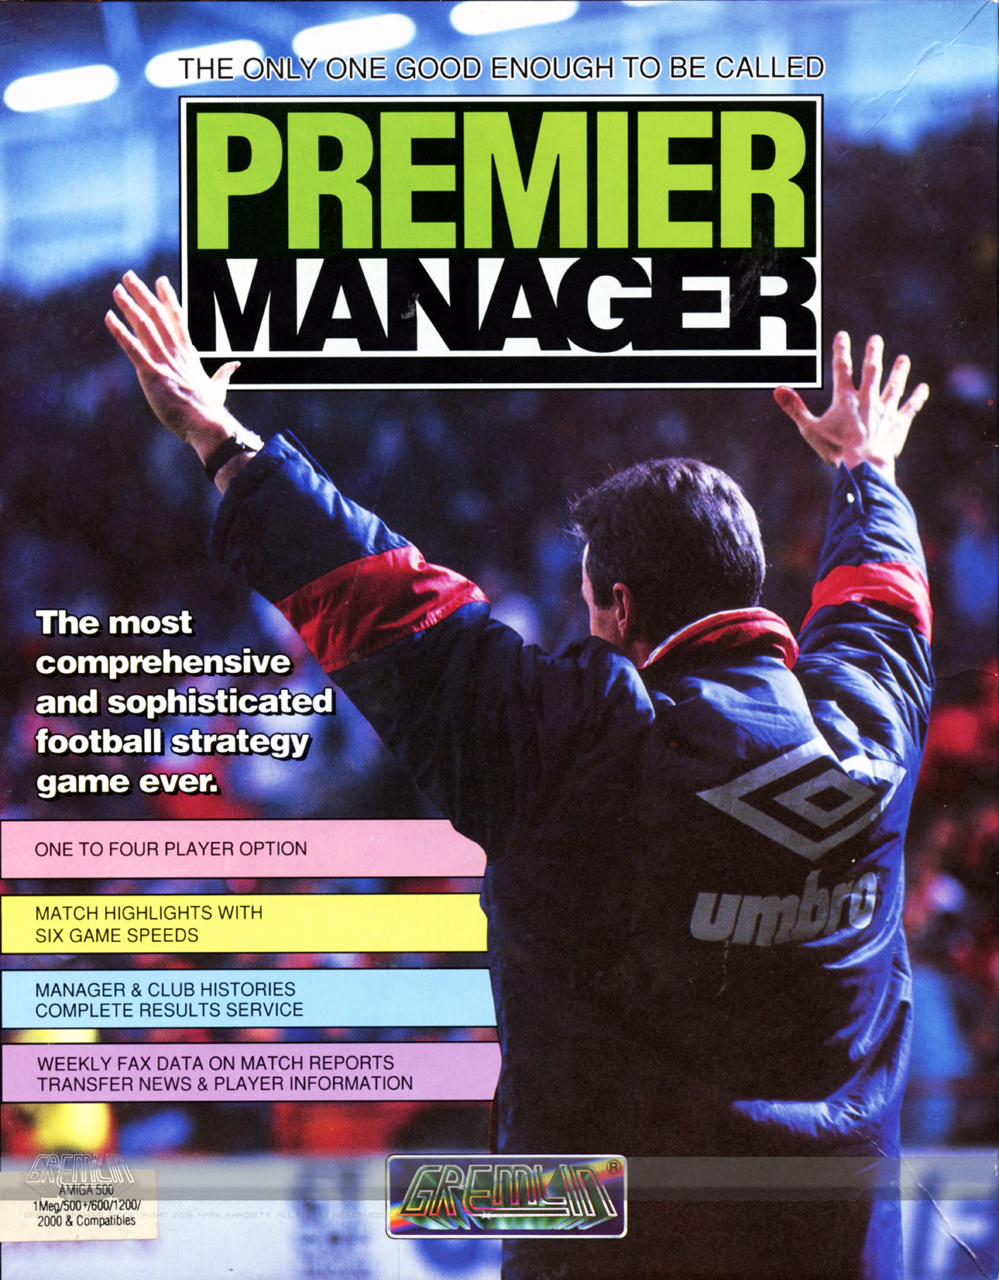 Premier Manager